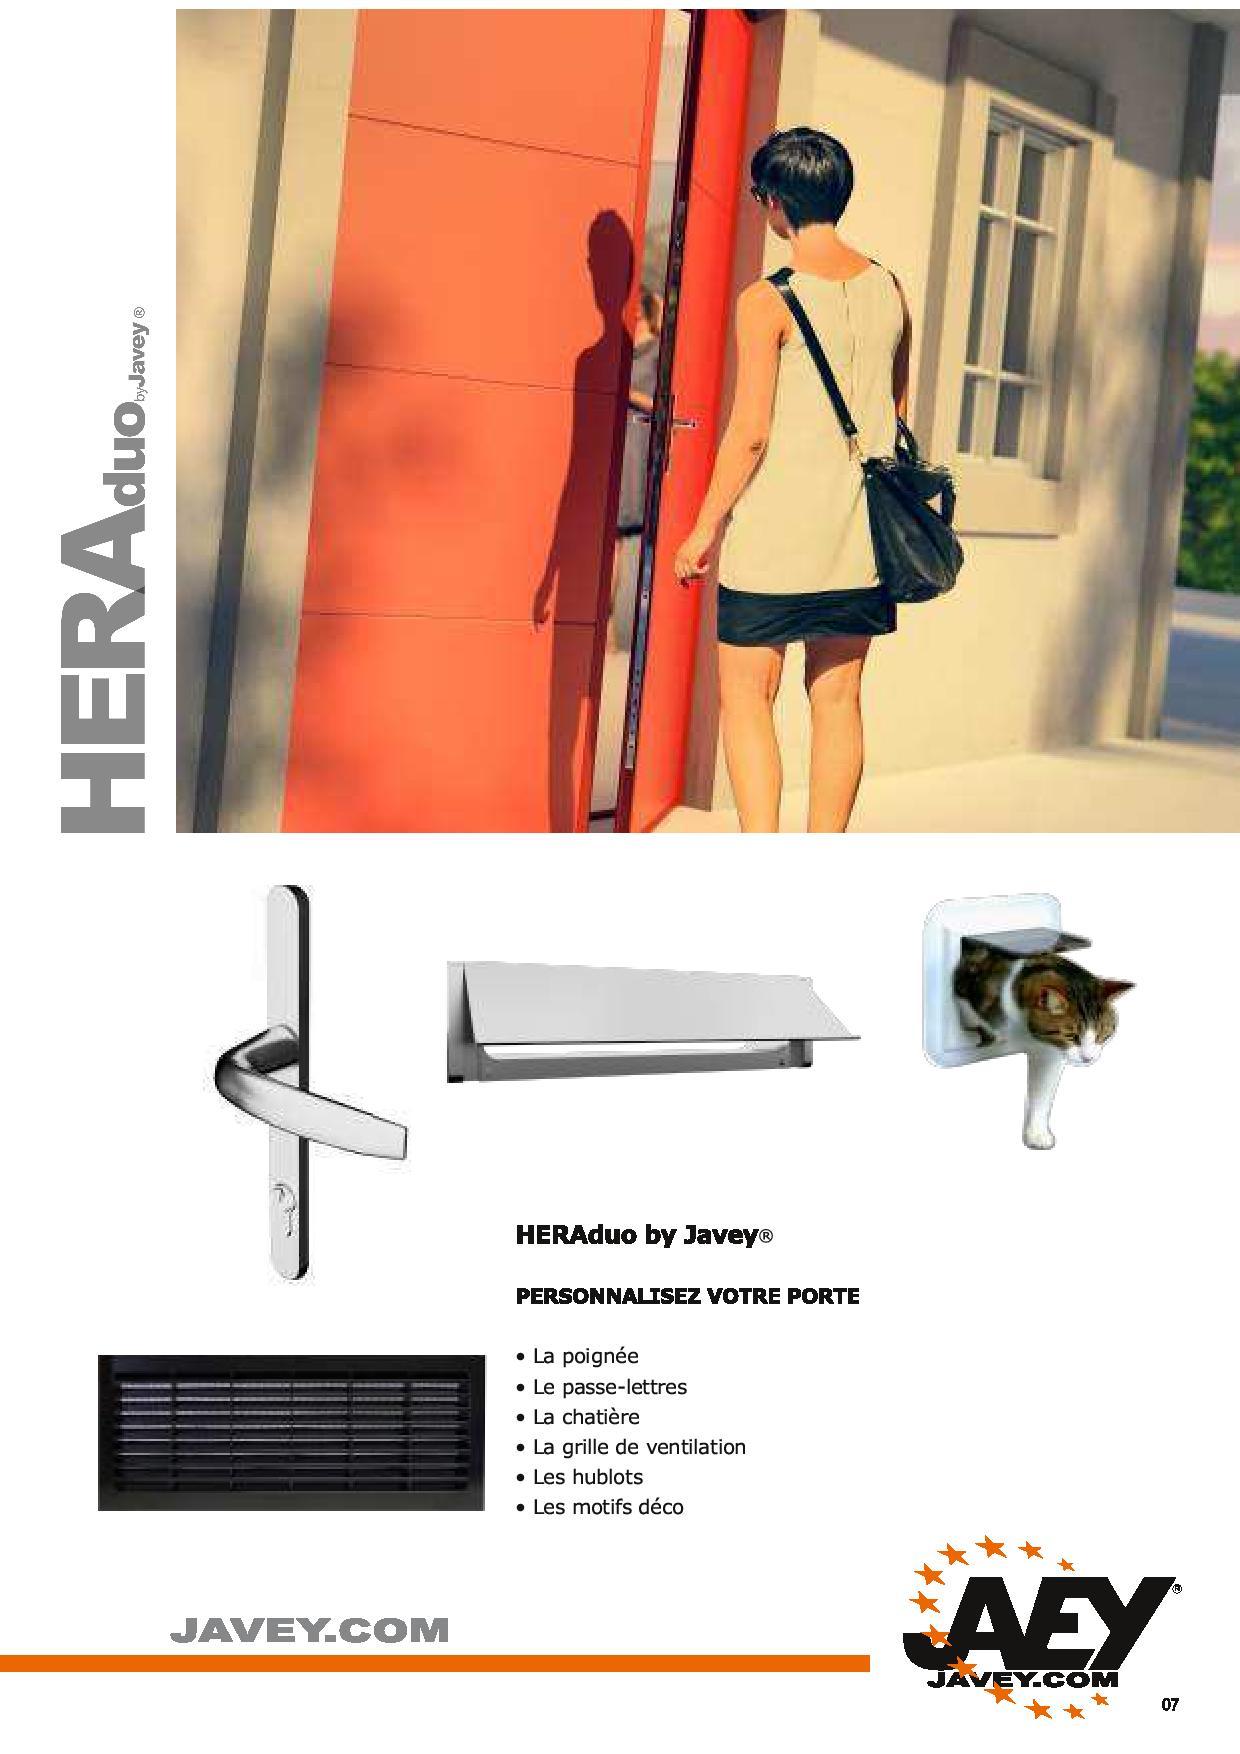 catalogue-Hera-Javey-page-007